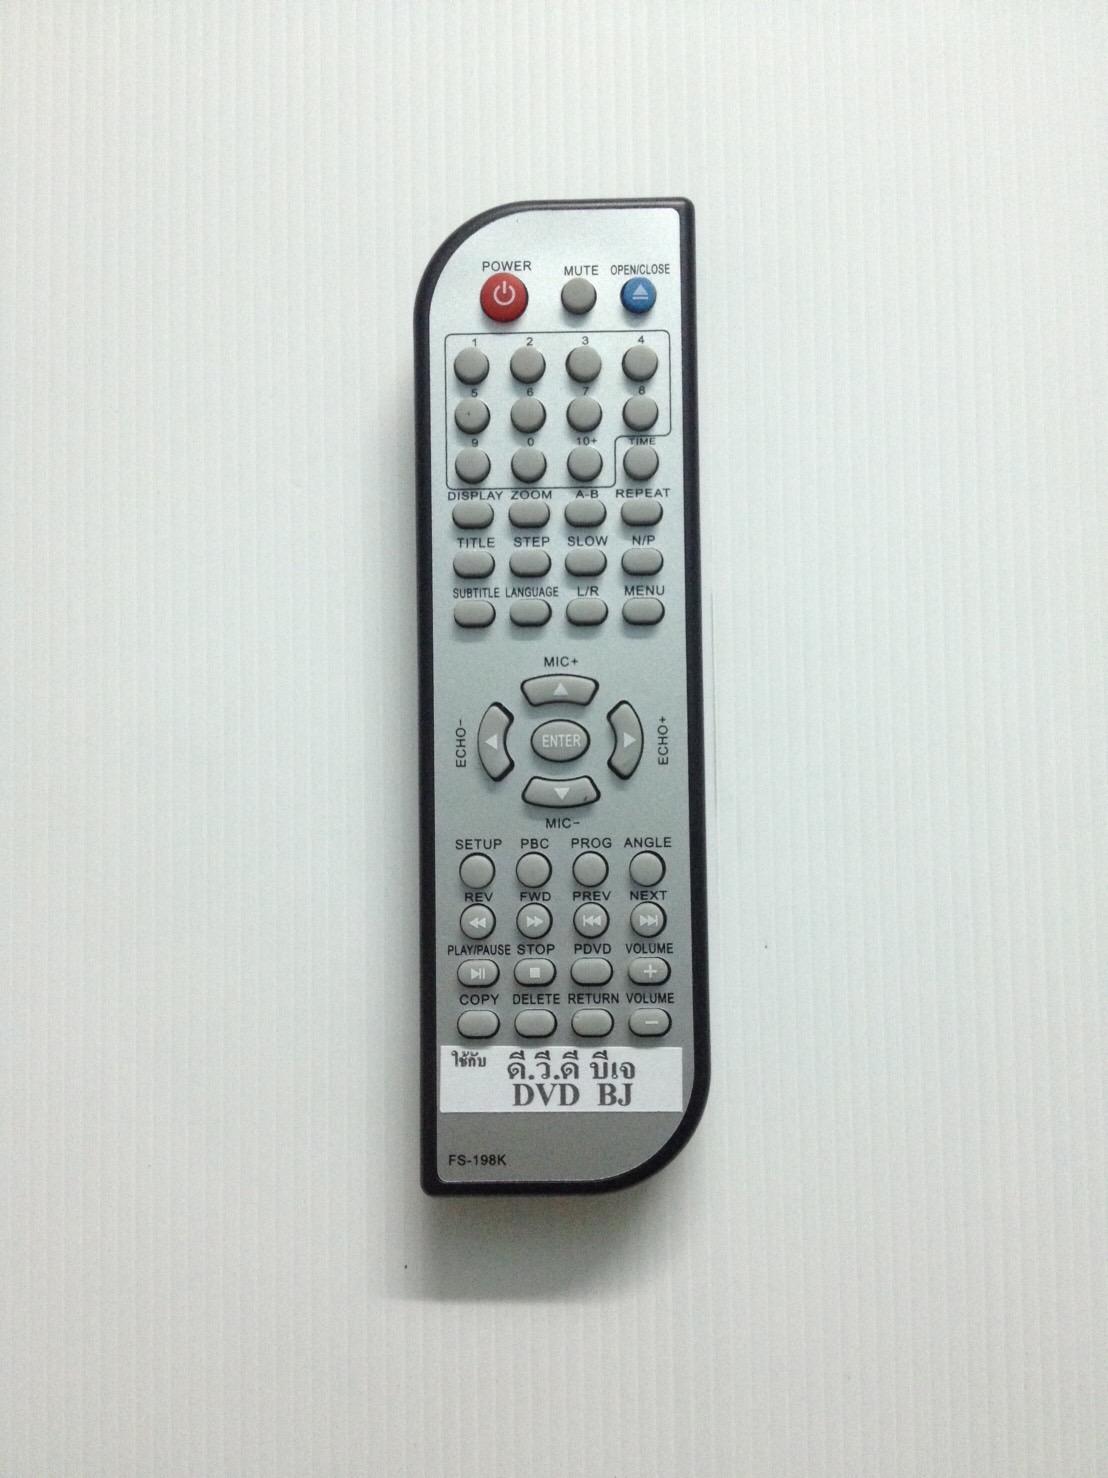 รีโมทดีวีดี บีเจ DVD BJ ใบไม้ FS-198K